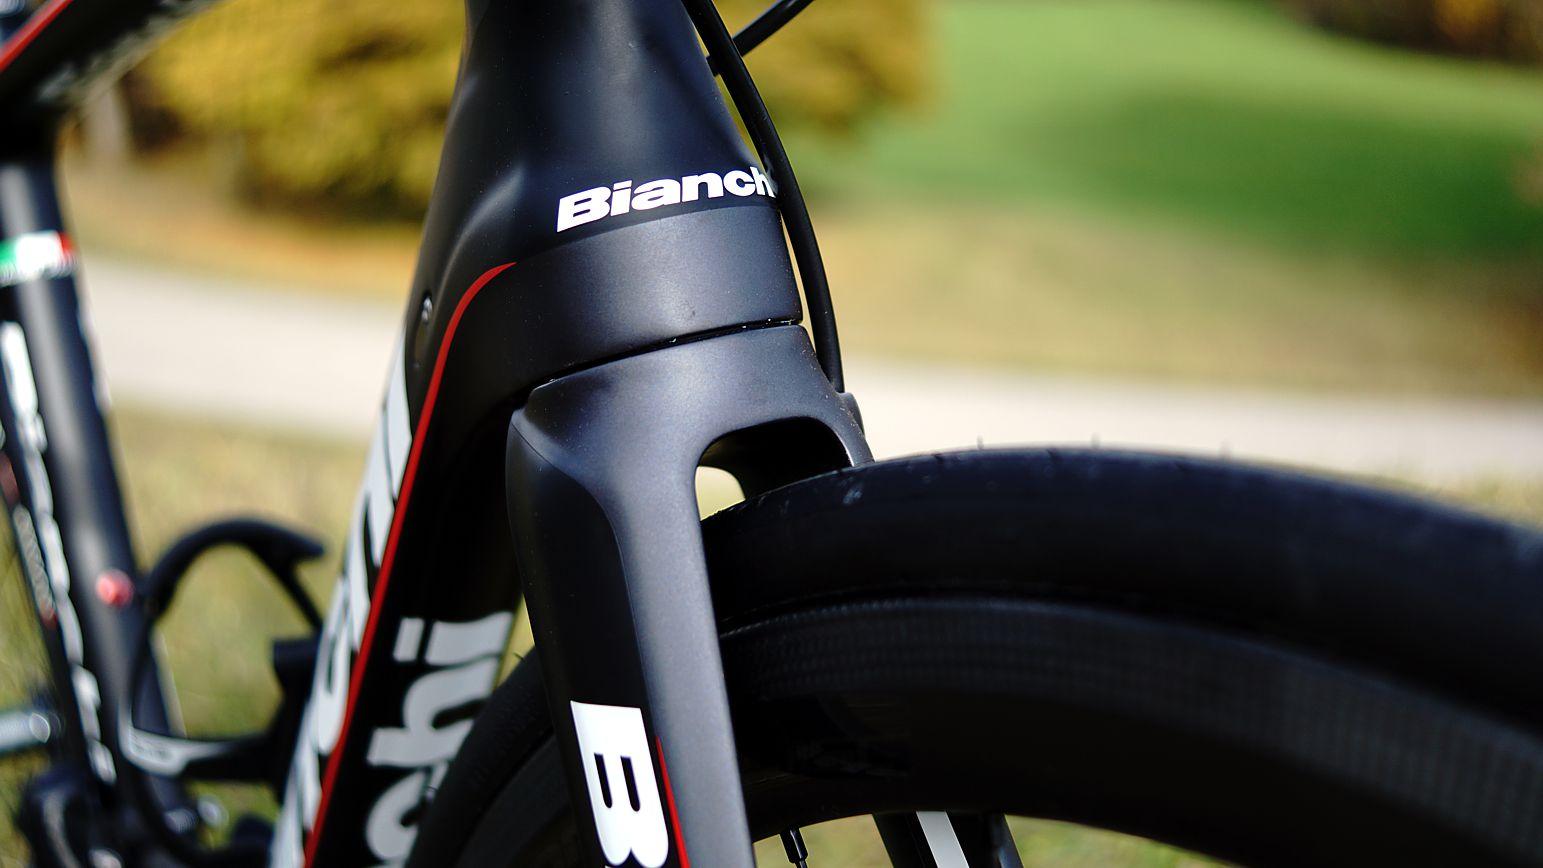 Die Gabel erlaubt bis zu 28mm breite Reifen - wenn das Laufrad kann....